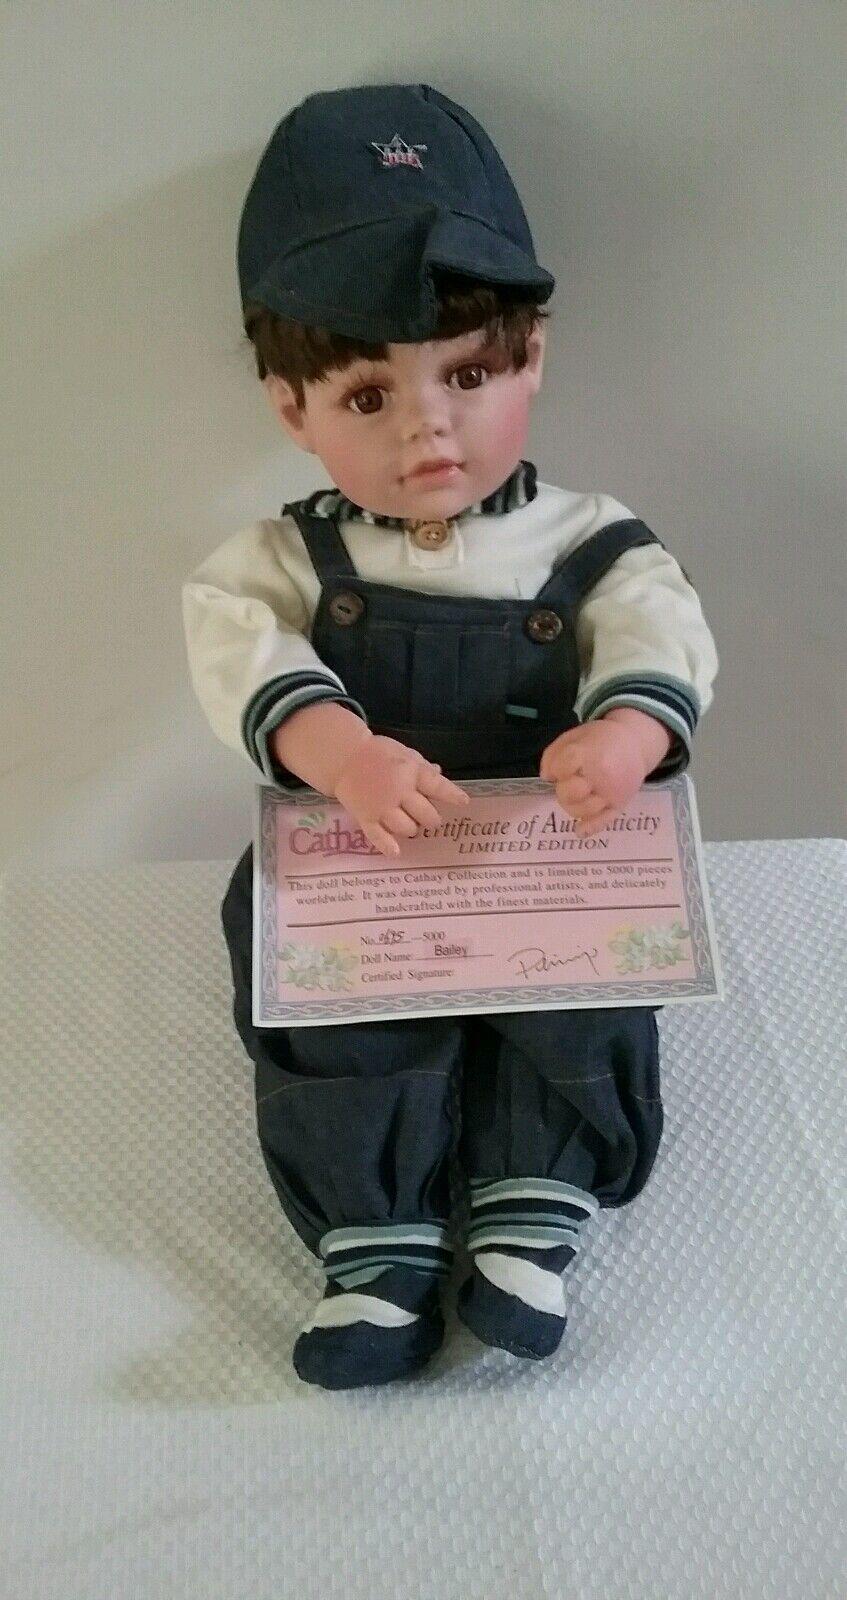 Cathay Collection Musical Vinilo Muñeca de niño Bailey Certificado de Autenticidad 0695 5000